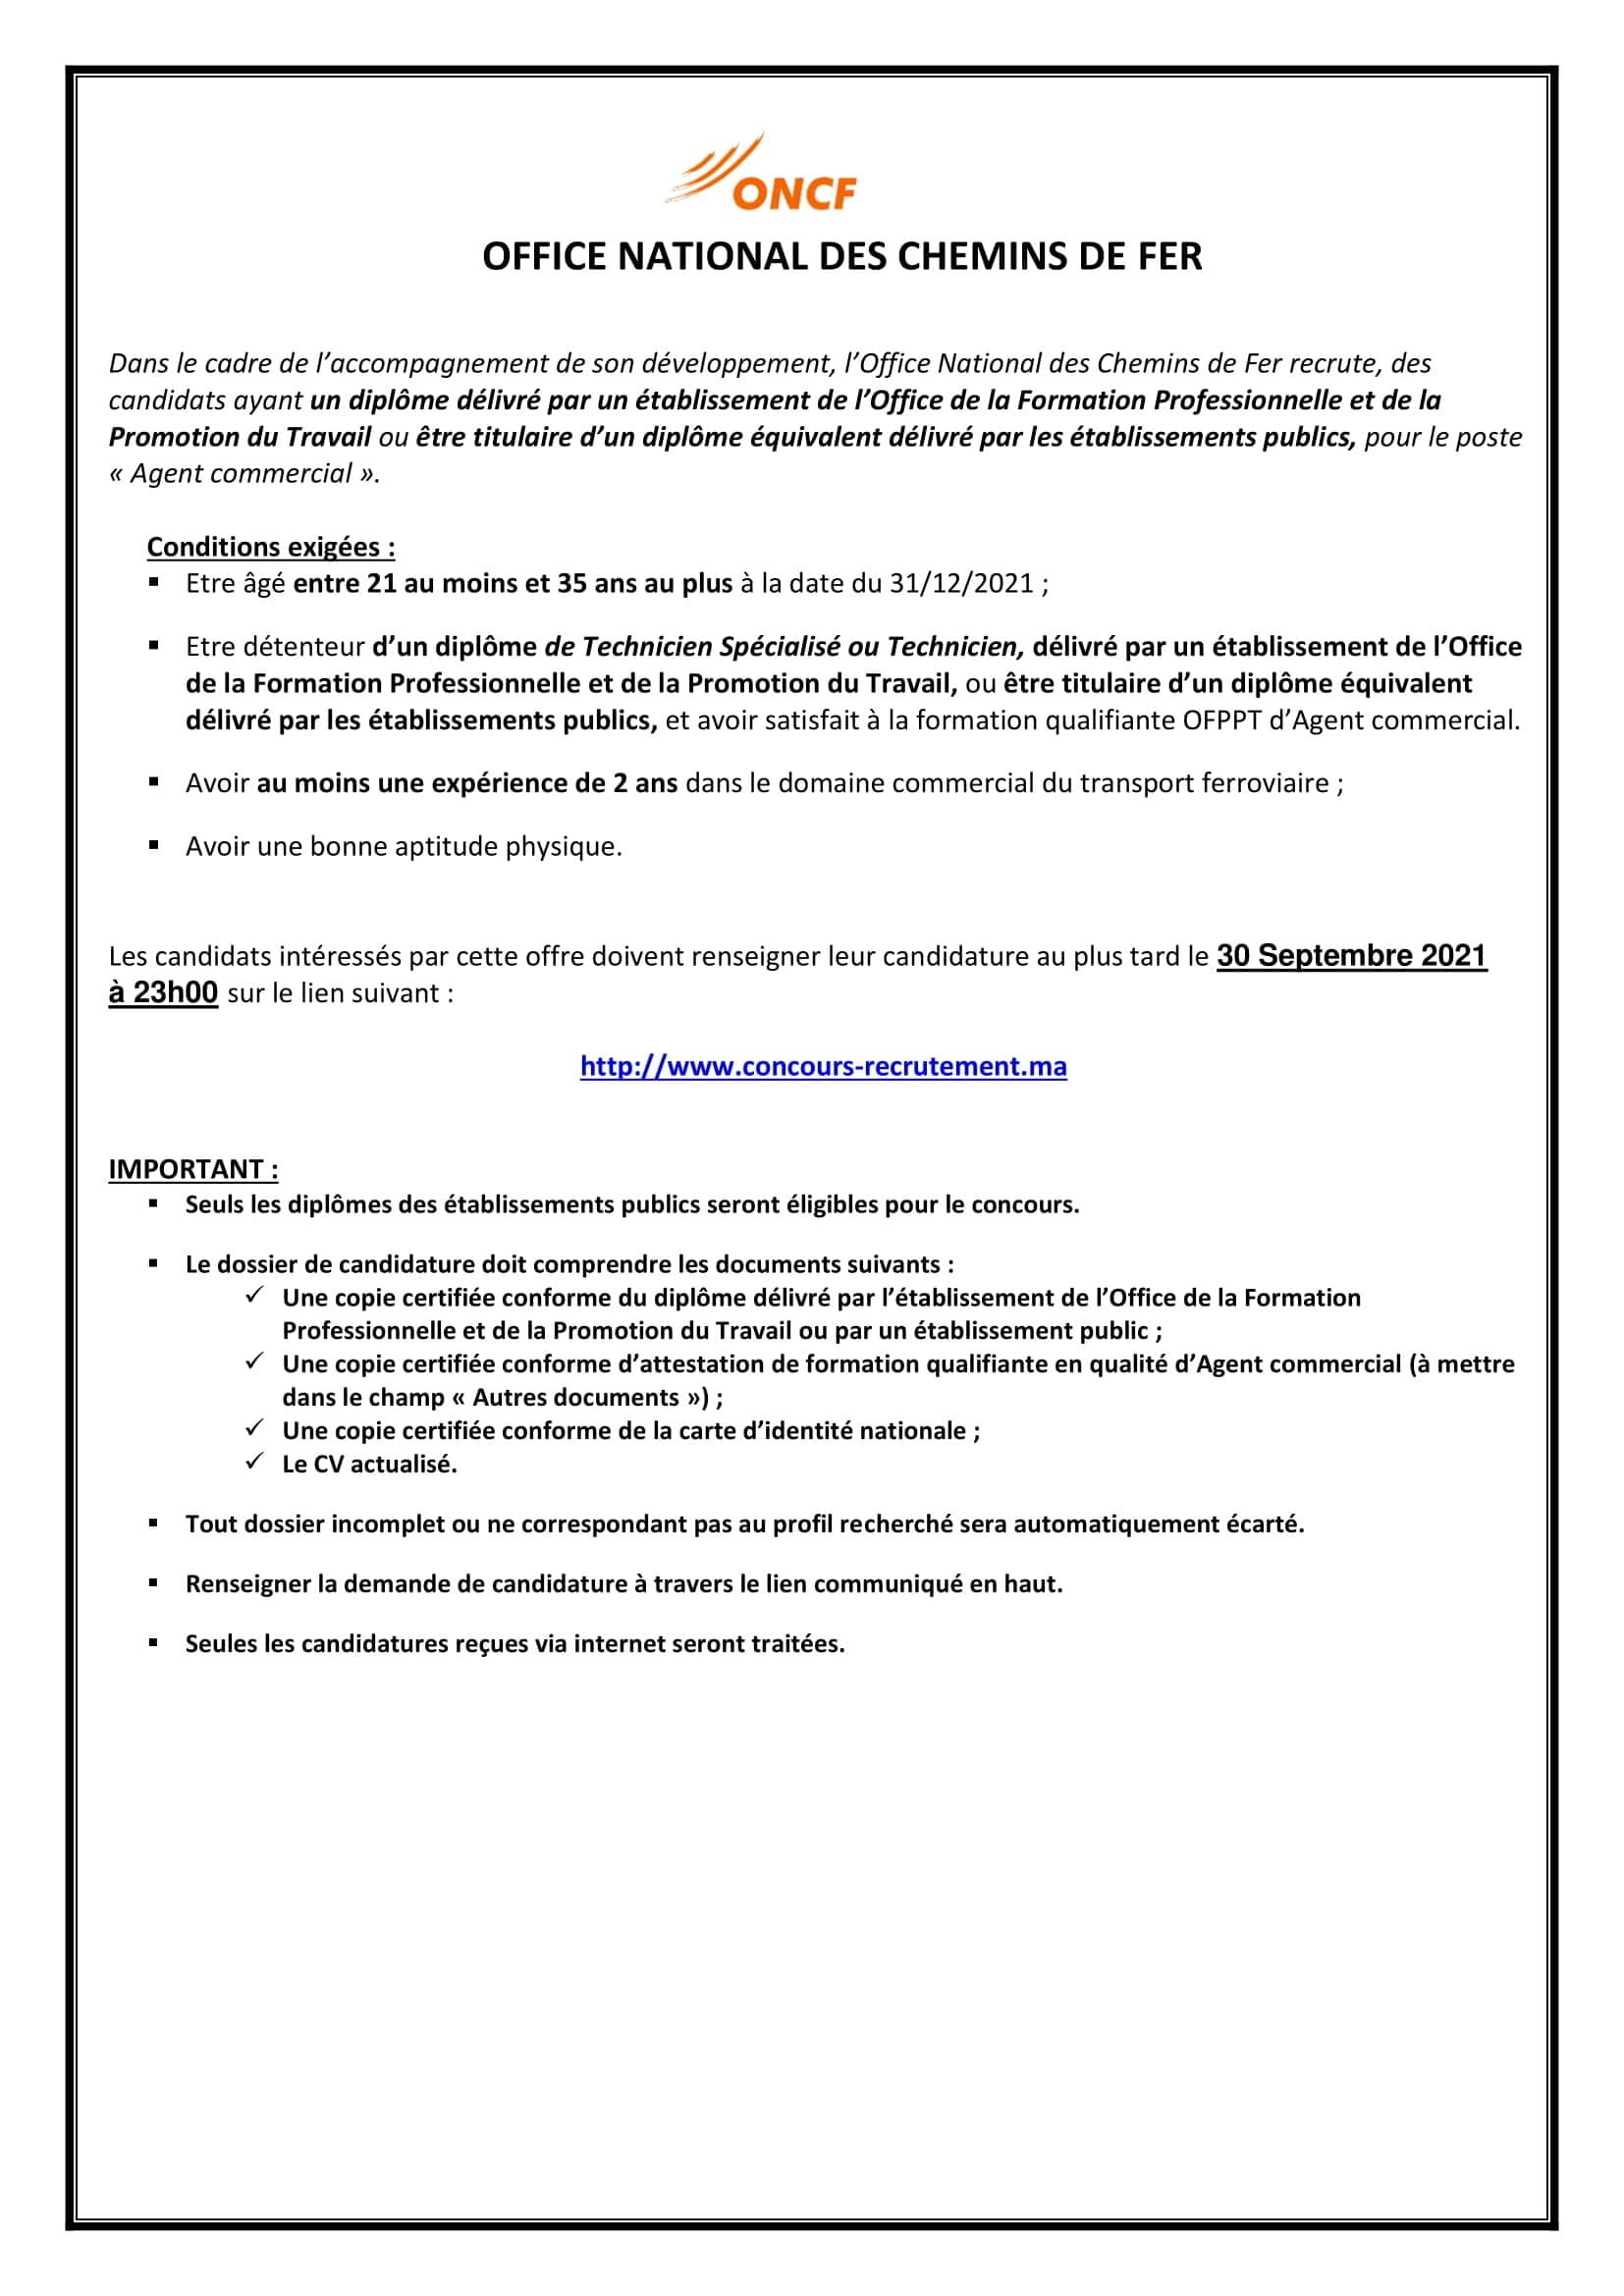 Concours de Recrutement ONCF 2021 (25 Postes)